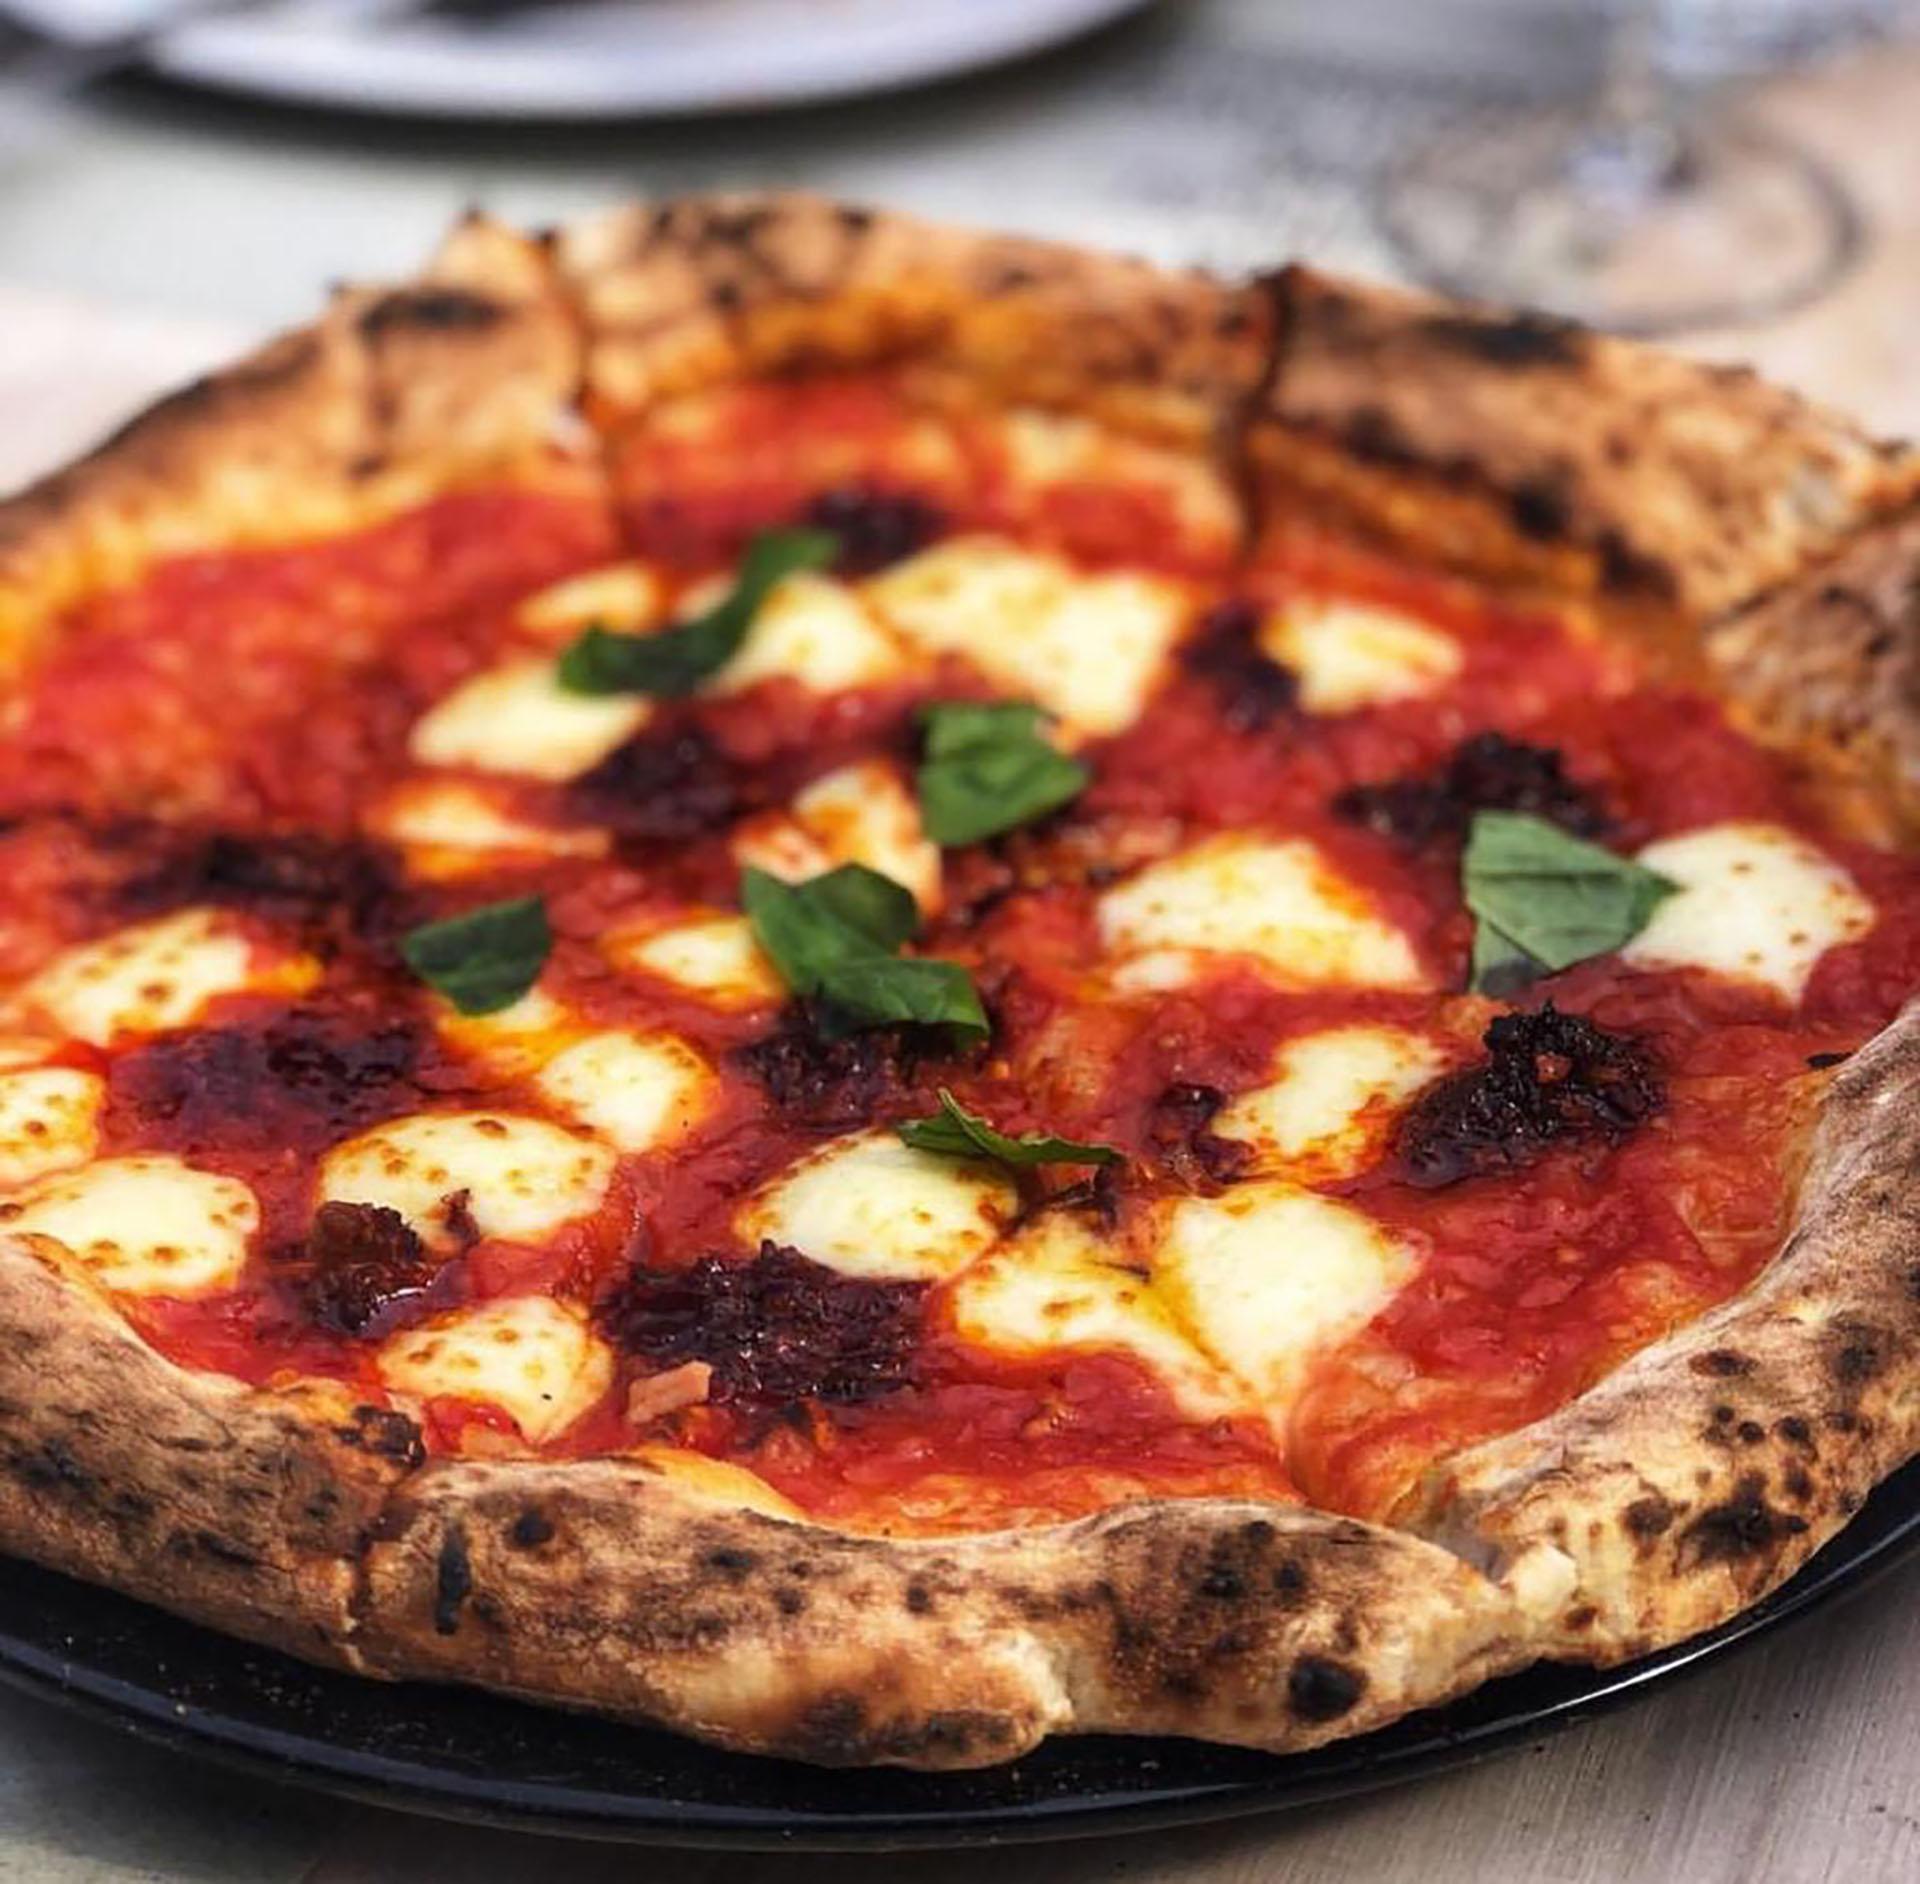 La pizza es otro punto clave de la carta